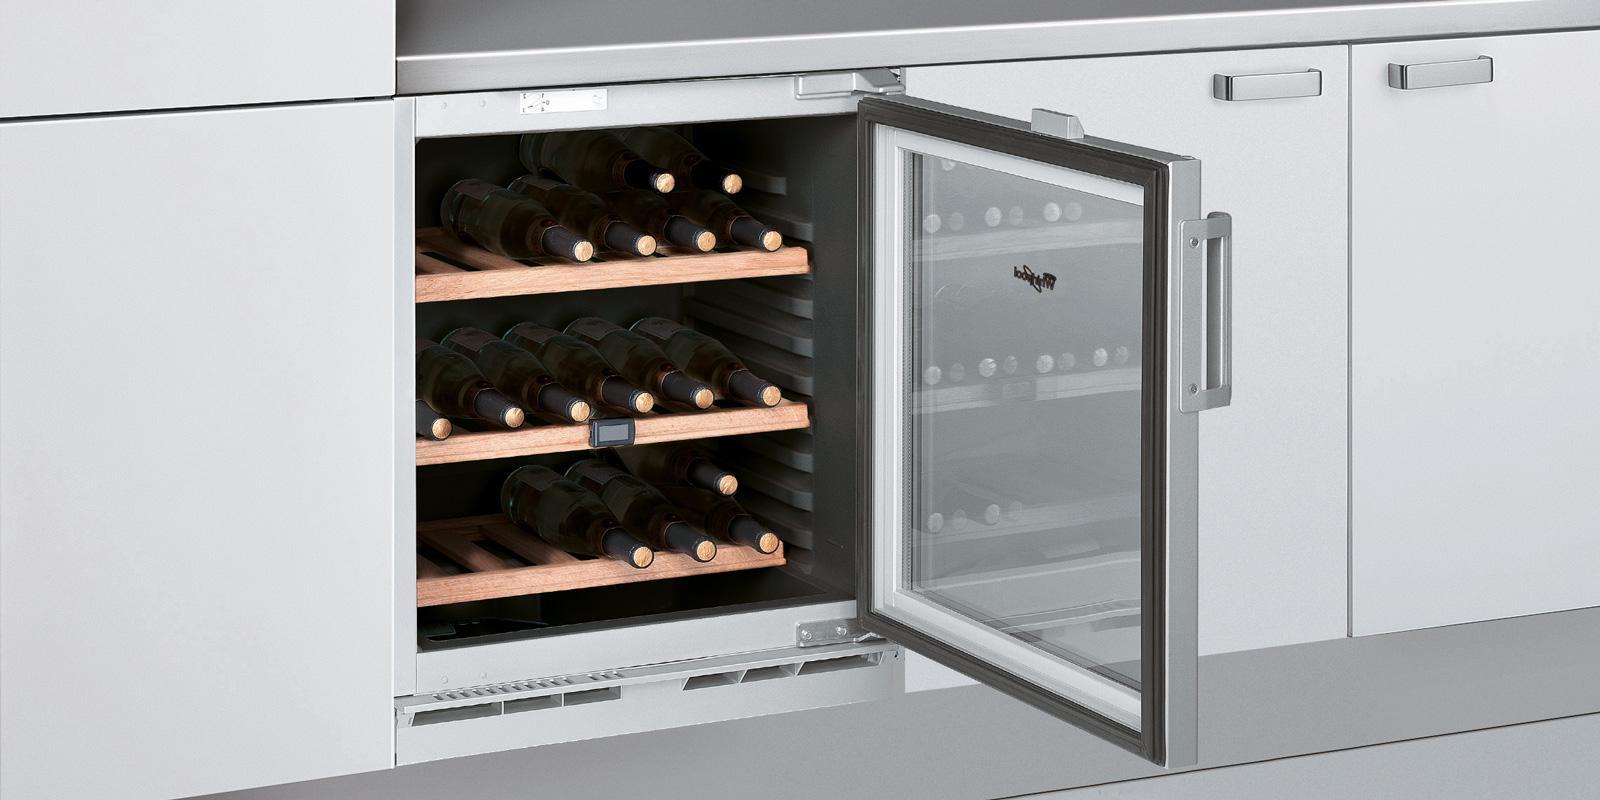 Cantinetta per il vino un 39 enoteca domestica in formato for Idee per arredare enoteca